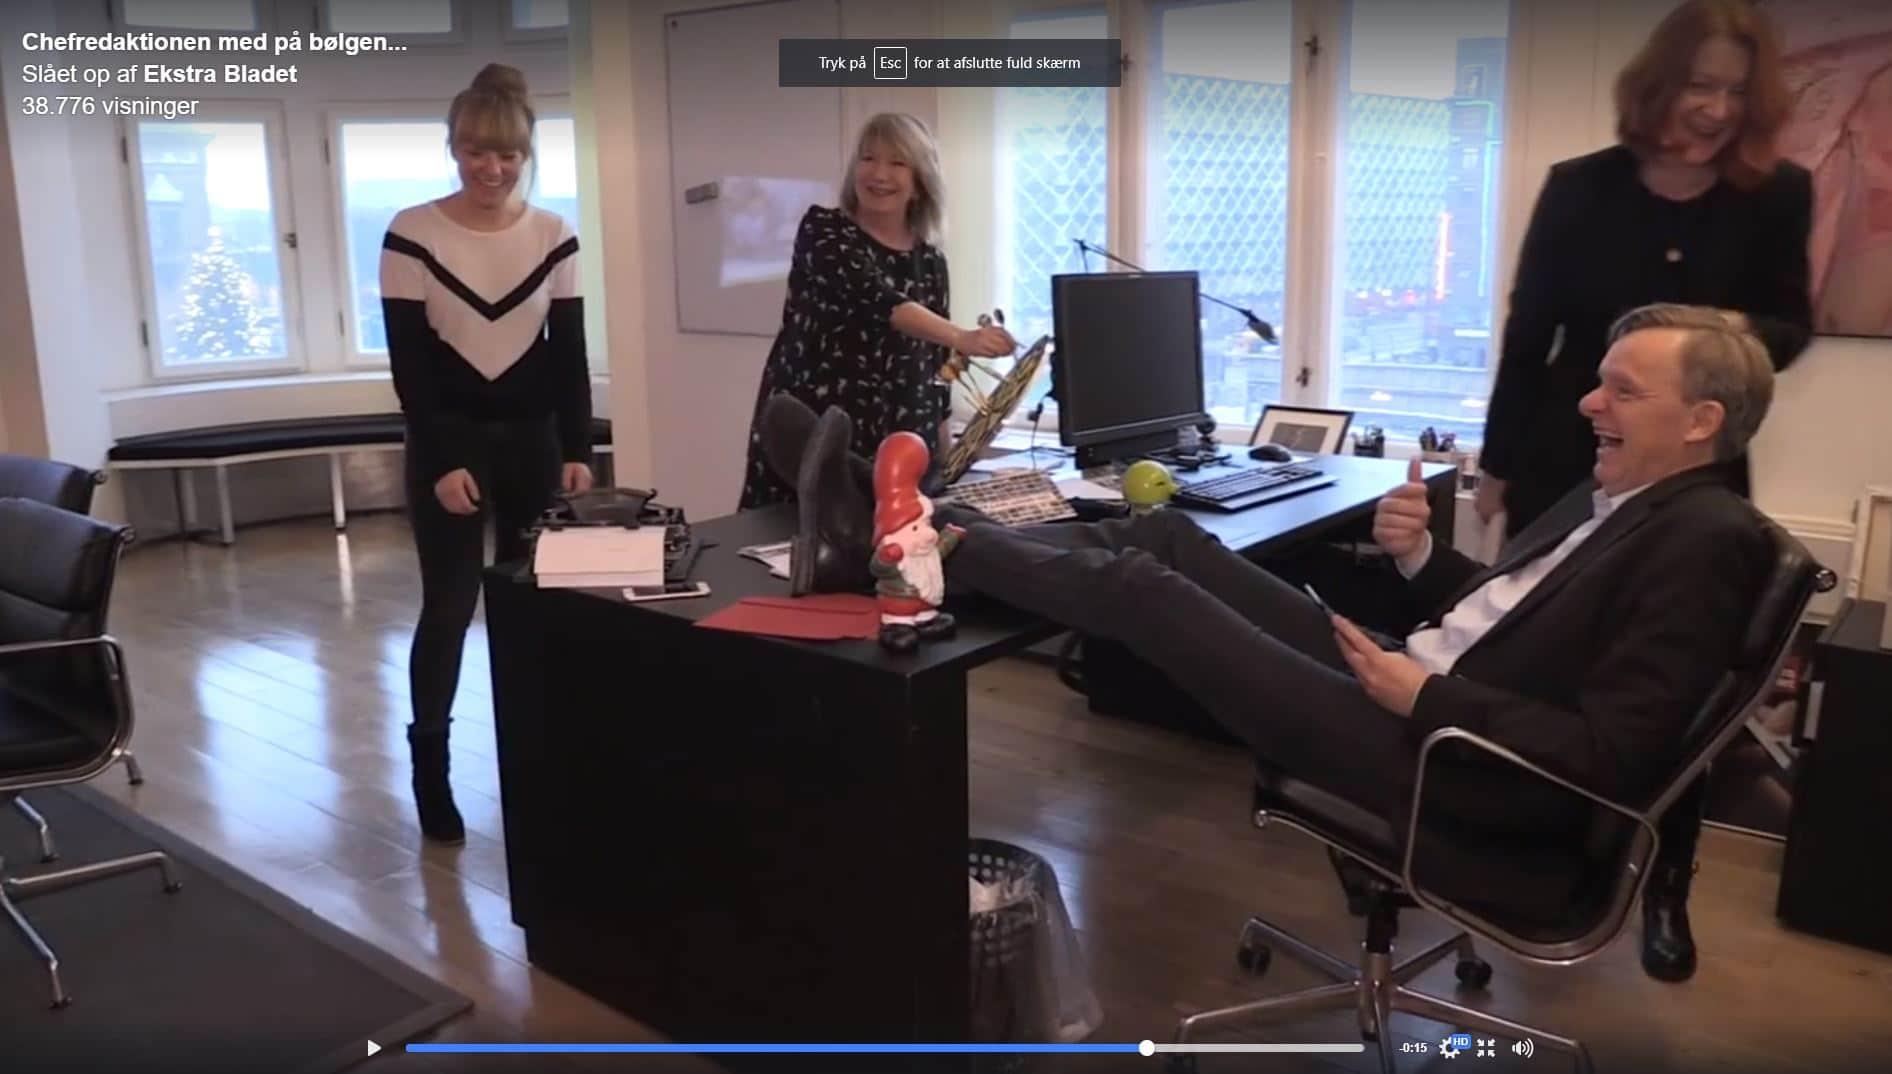 Dansk web-tv kortlagt for første gang